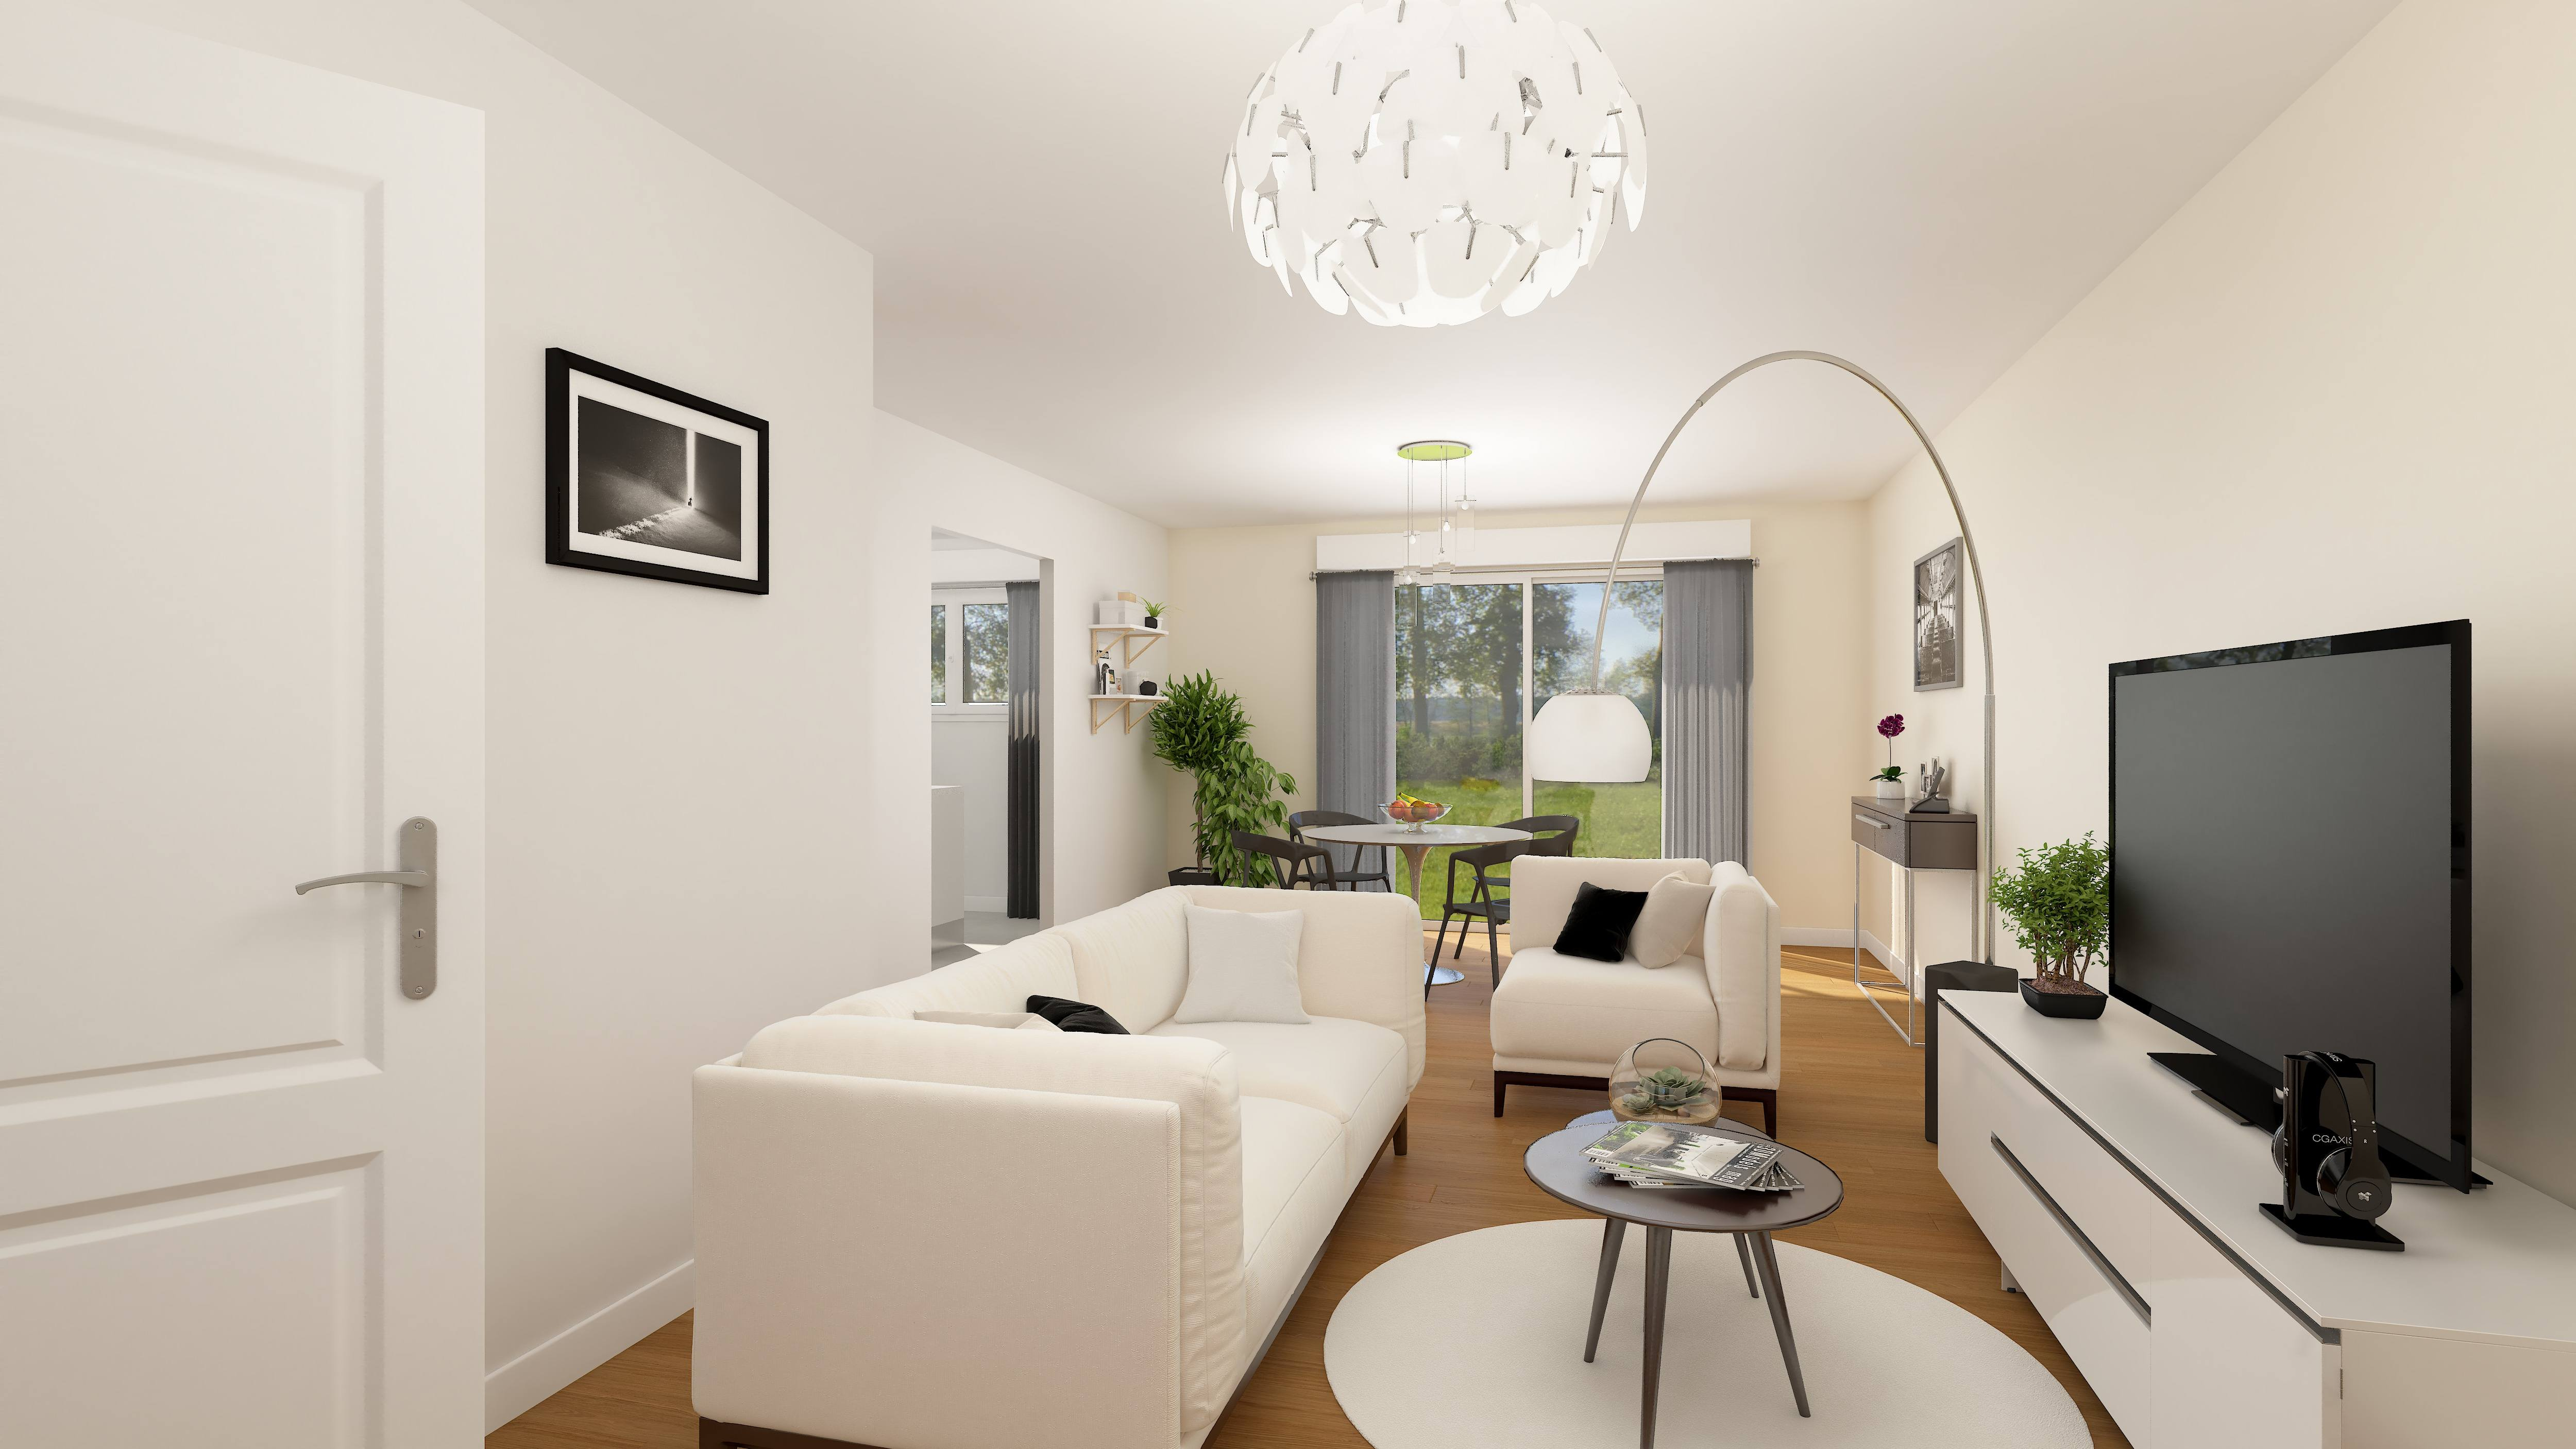 Maisons + Terrains du constructeur HABITAT CONCEPT • 85 m² • HARNES